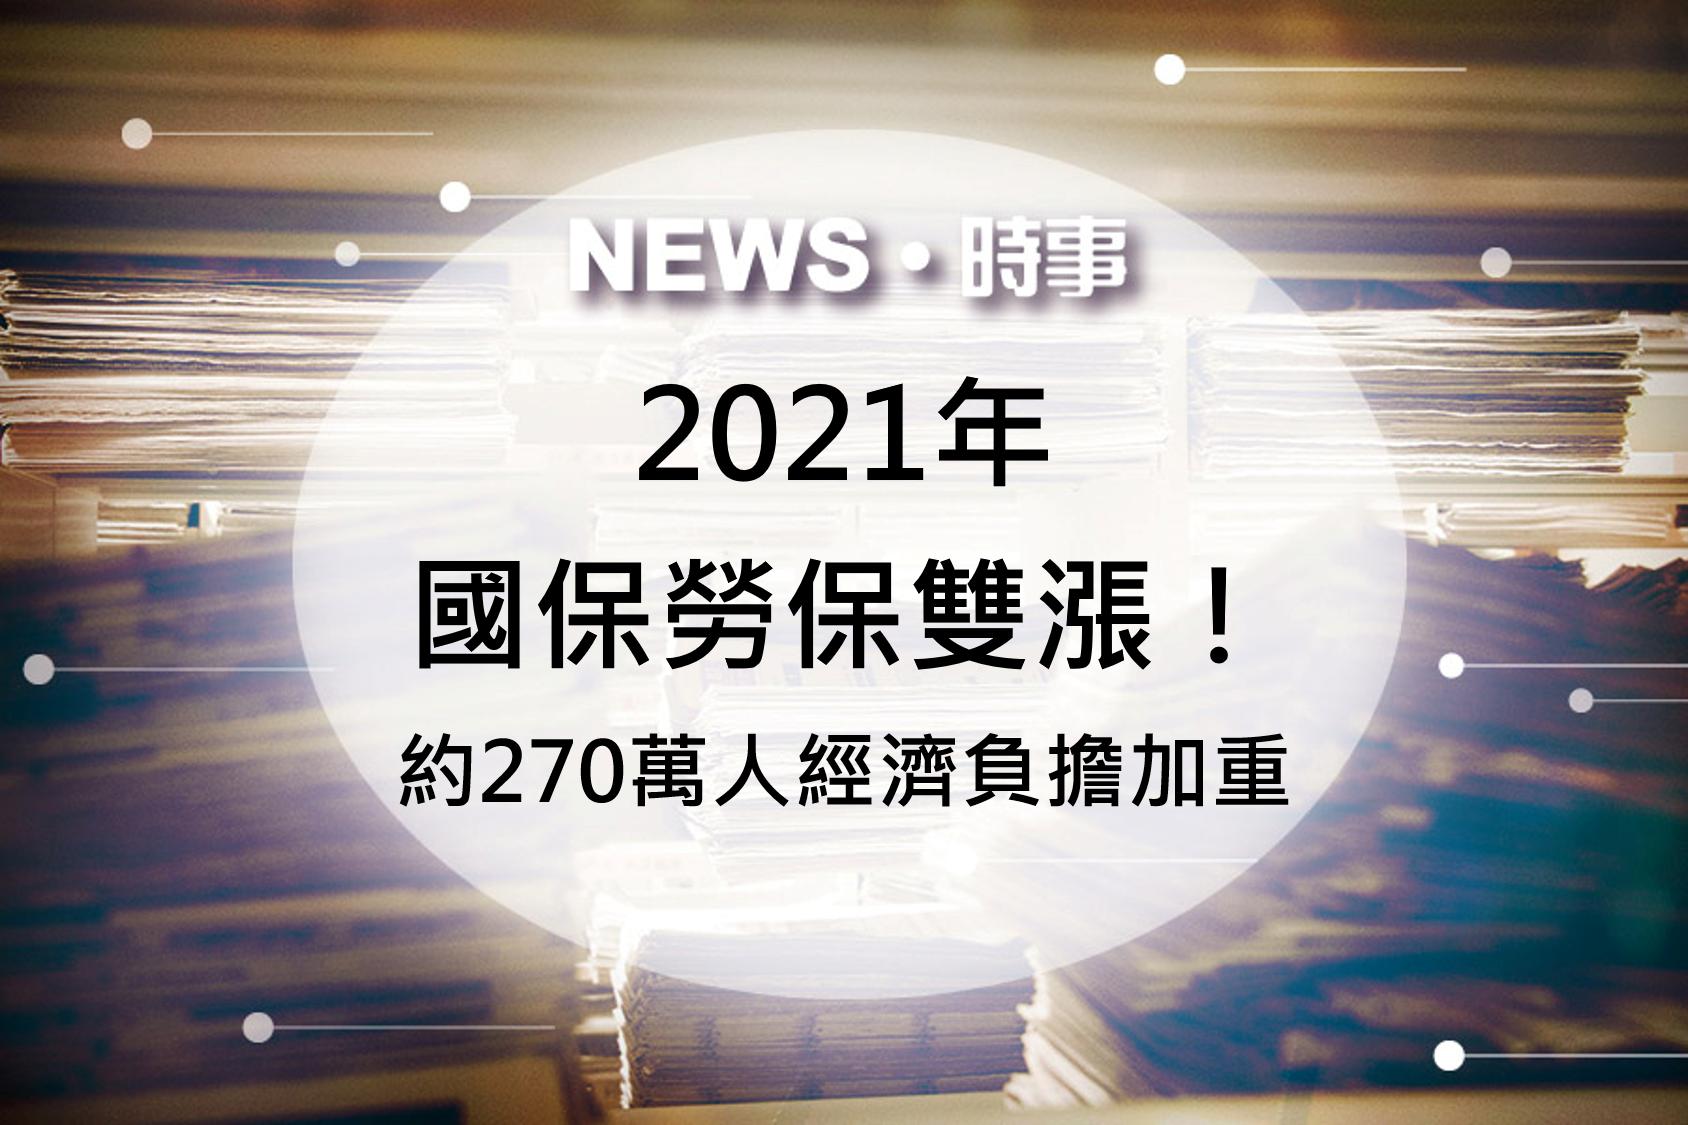 2021年國保勞保雙漲!約270萬人經濟負擔加重